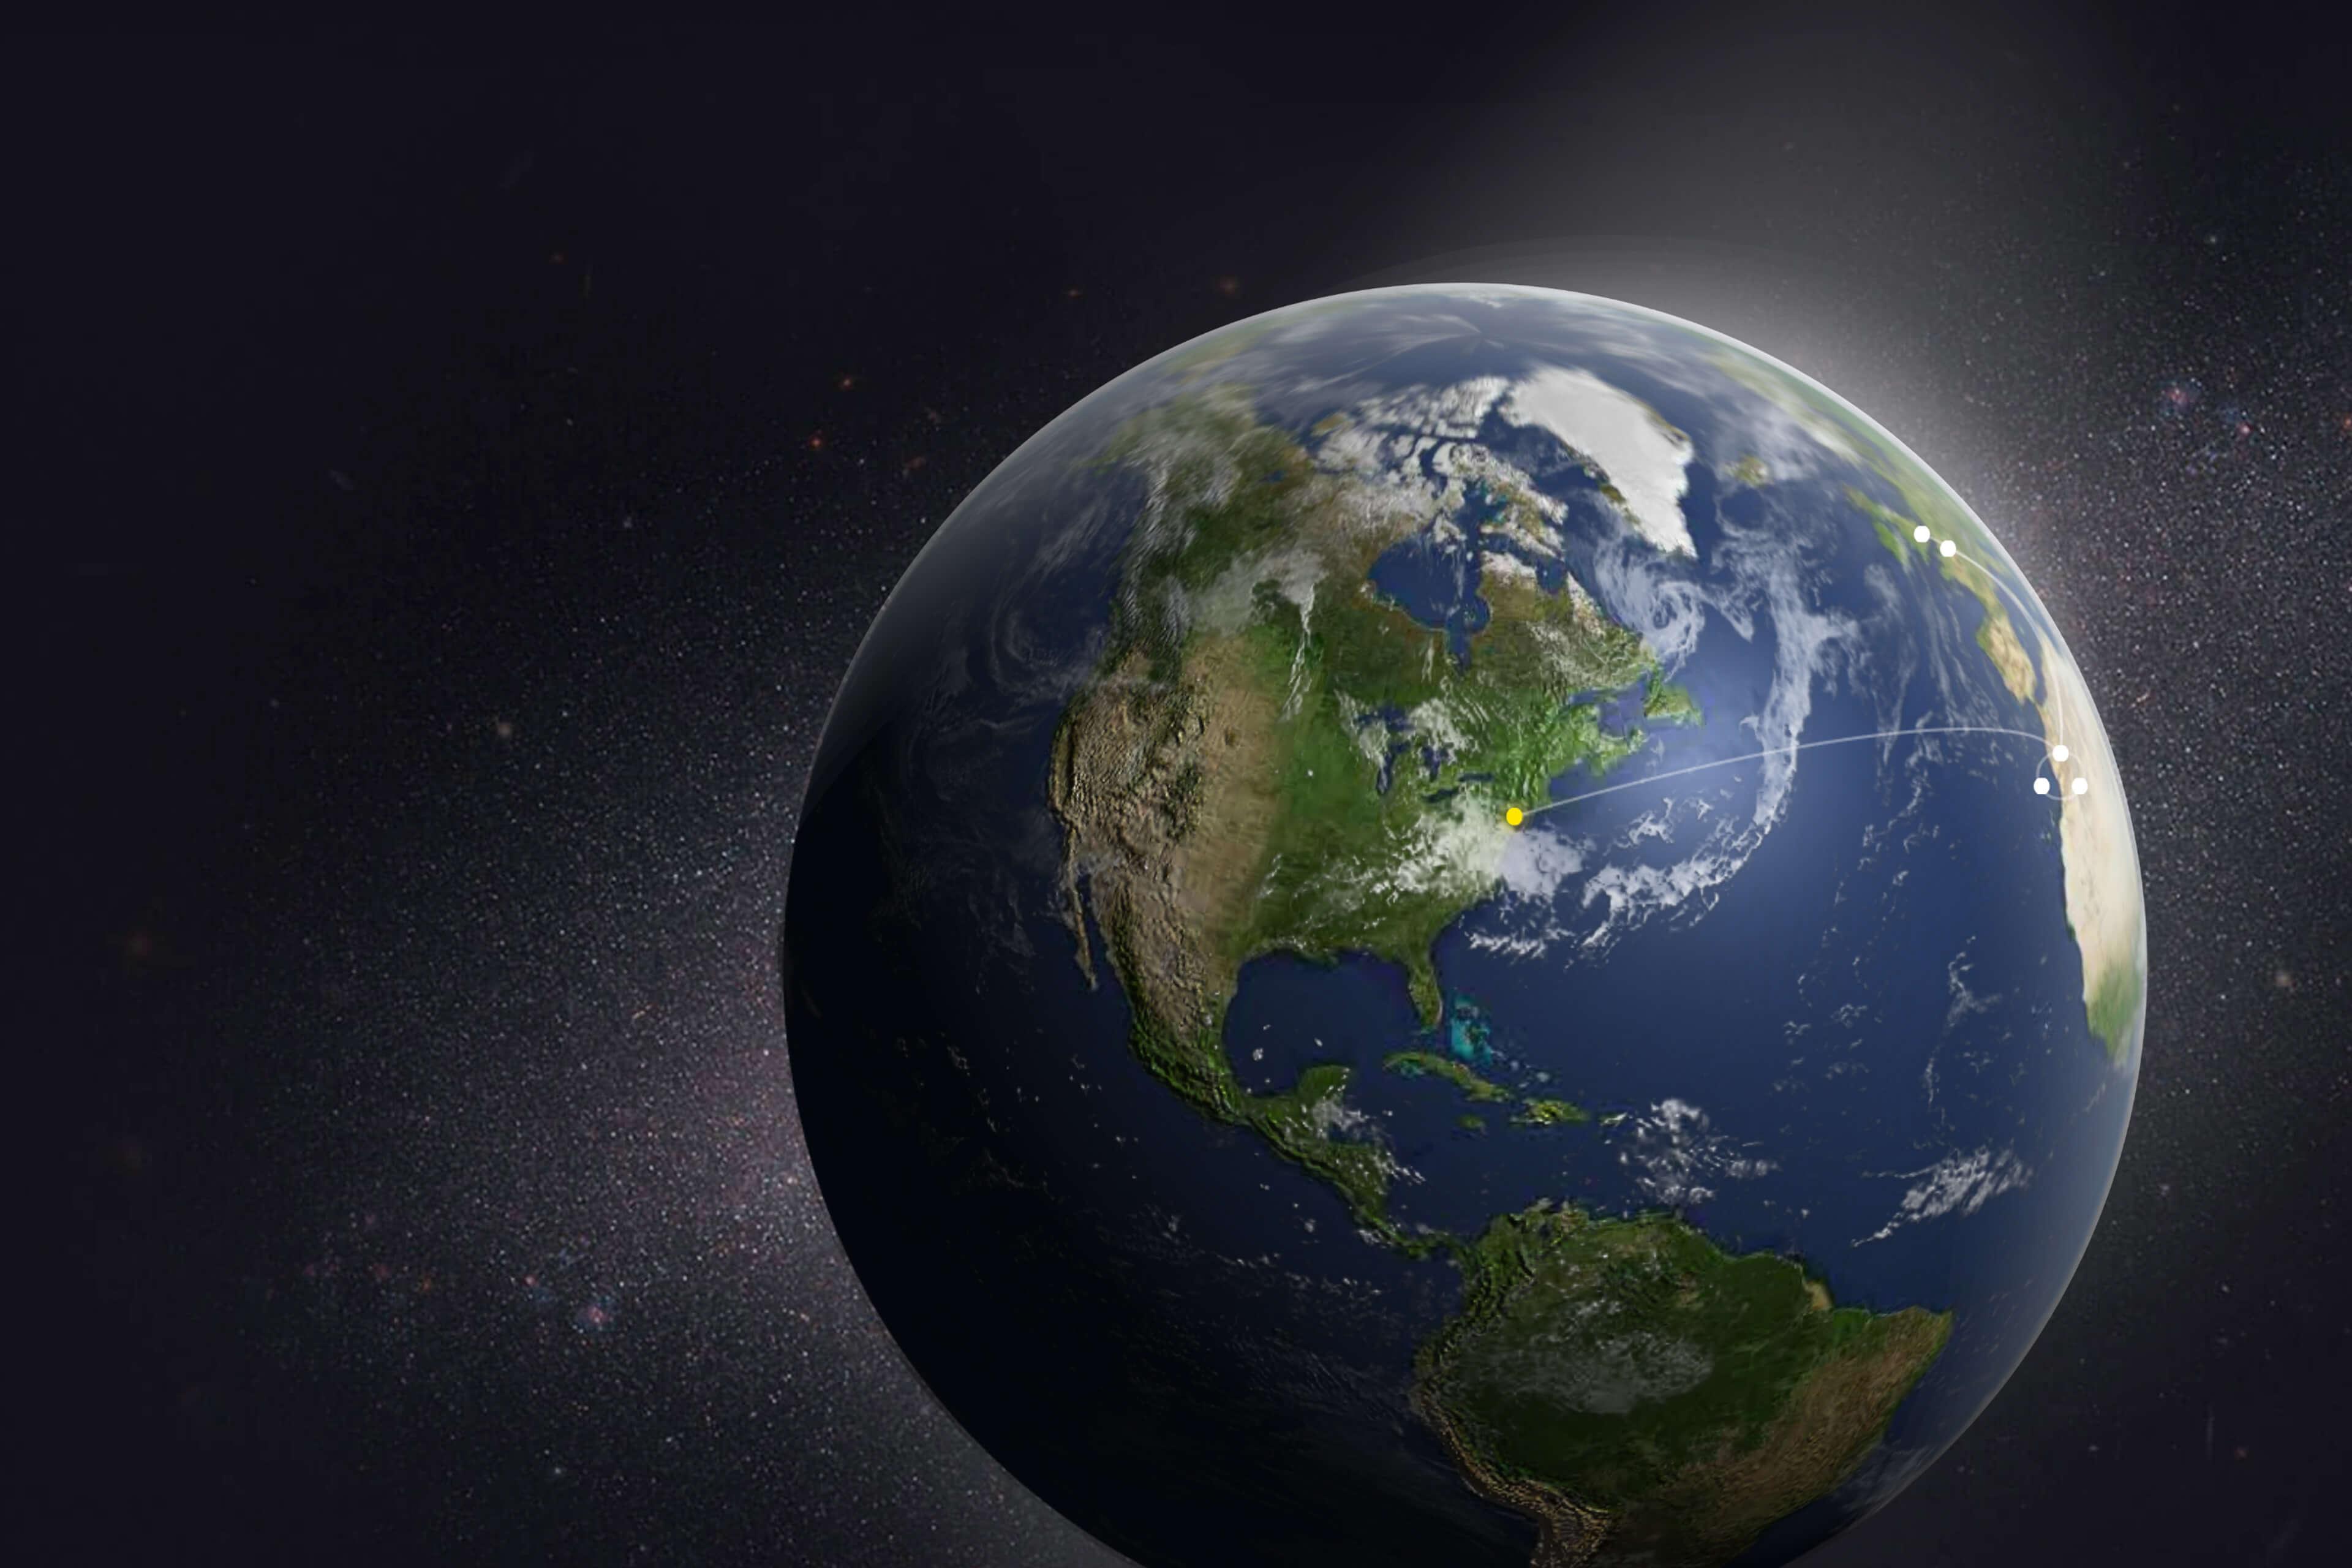 EY가 전 세계에서 어떠한 변화를 일으키고 있는지 확인하세요.